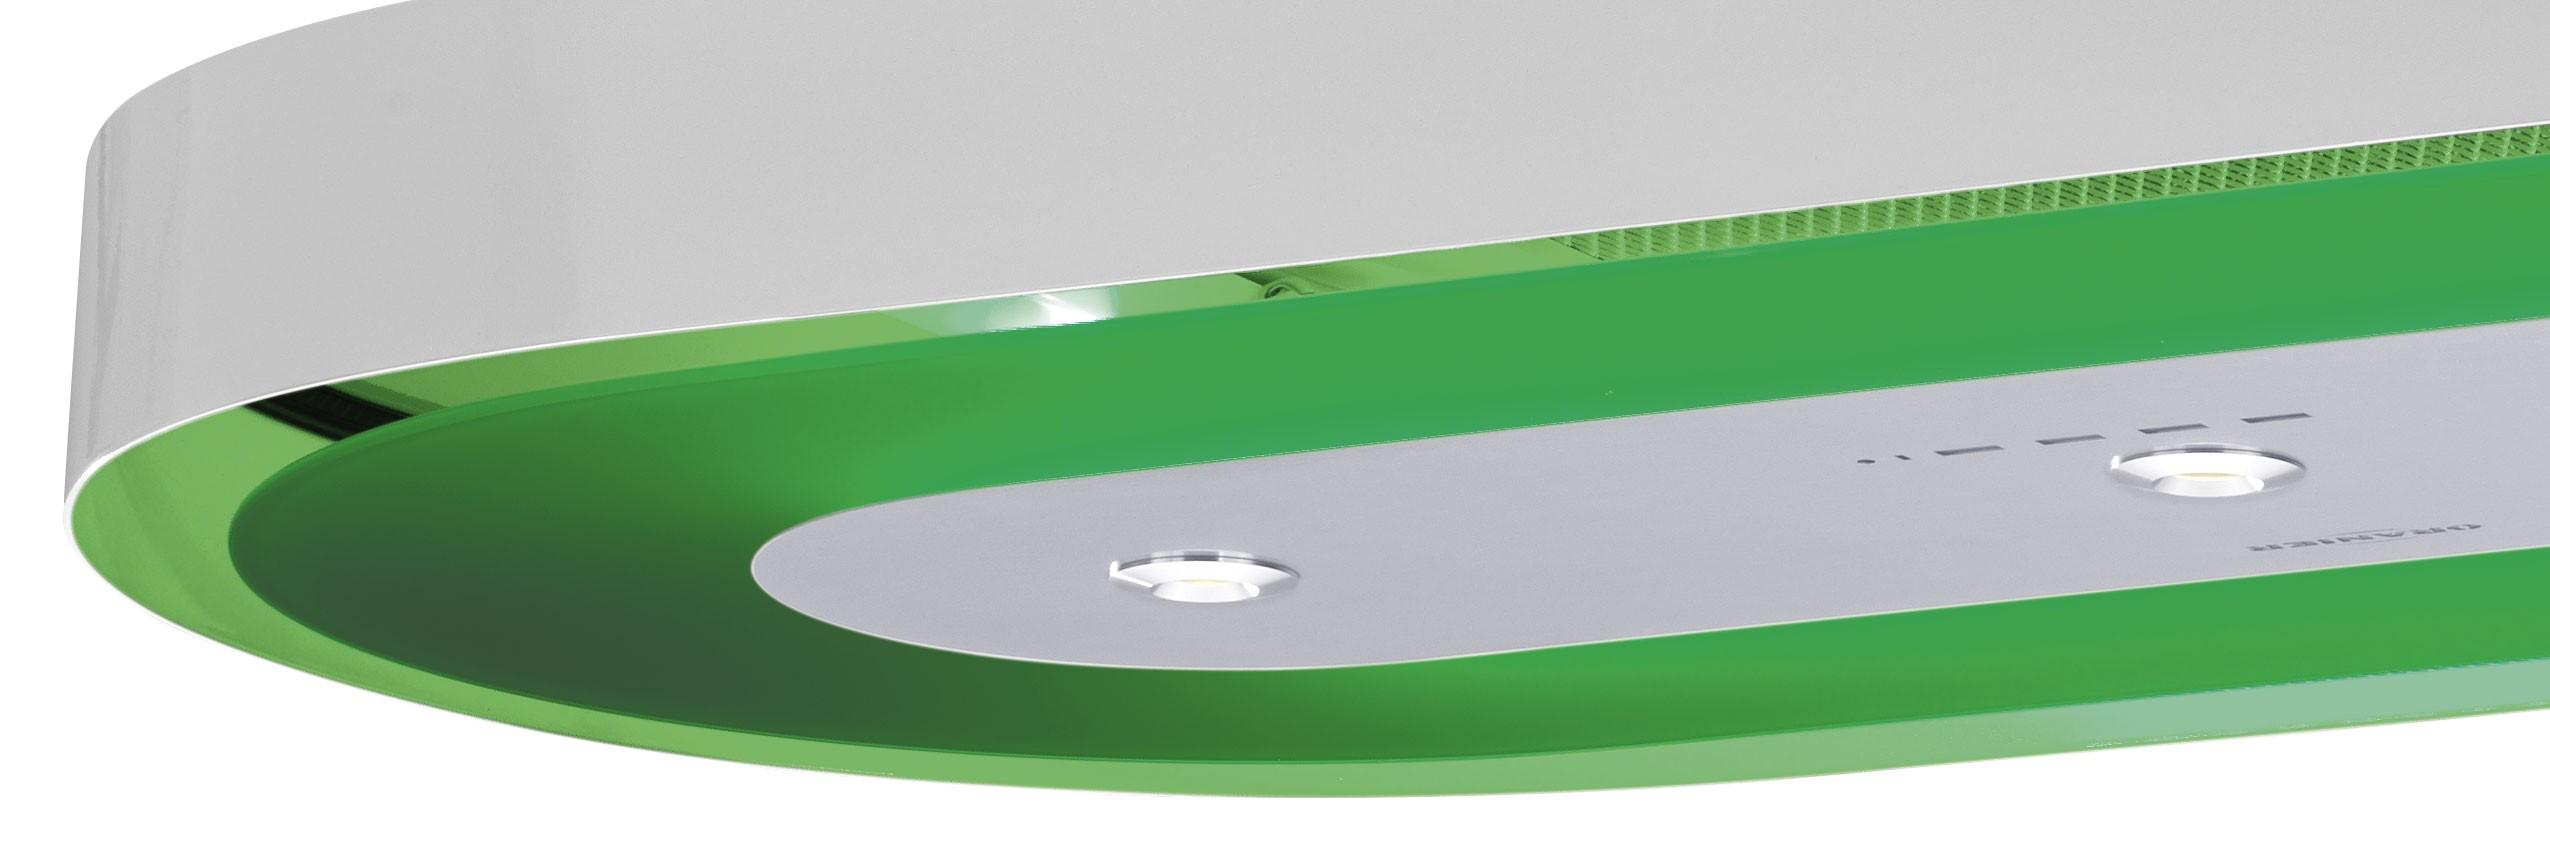 Oranier deckenhaube santina integriertes ambiente for Deckenhaube